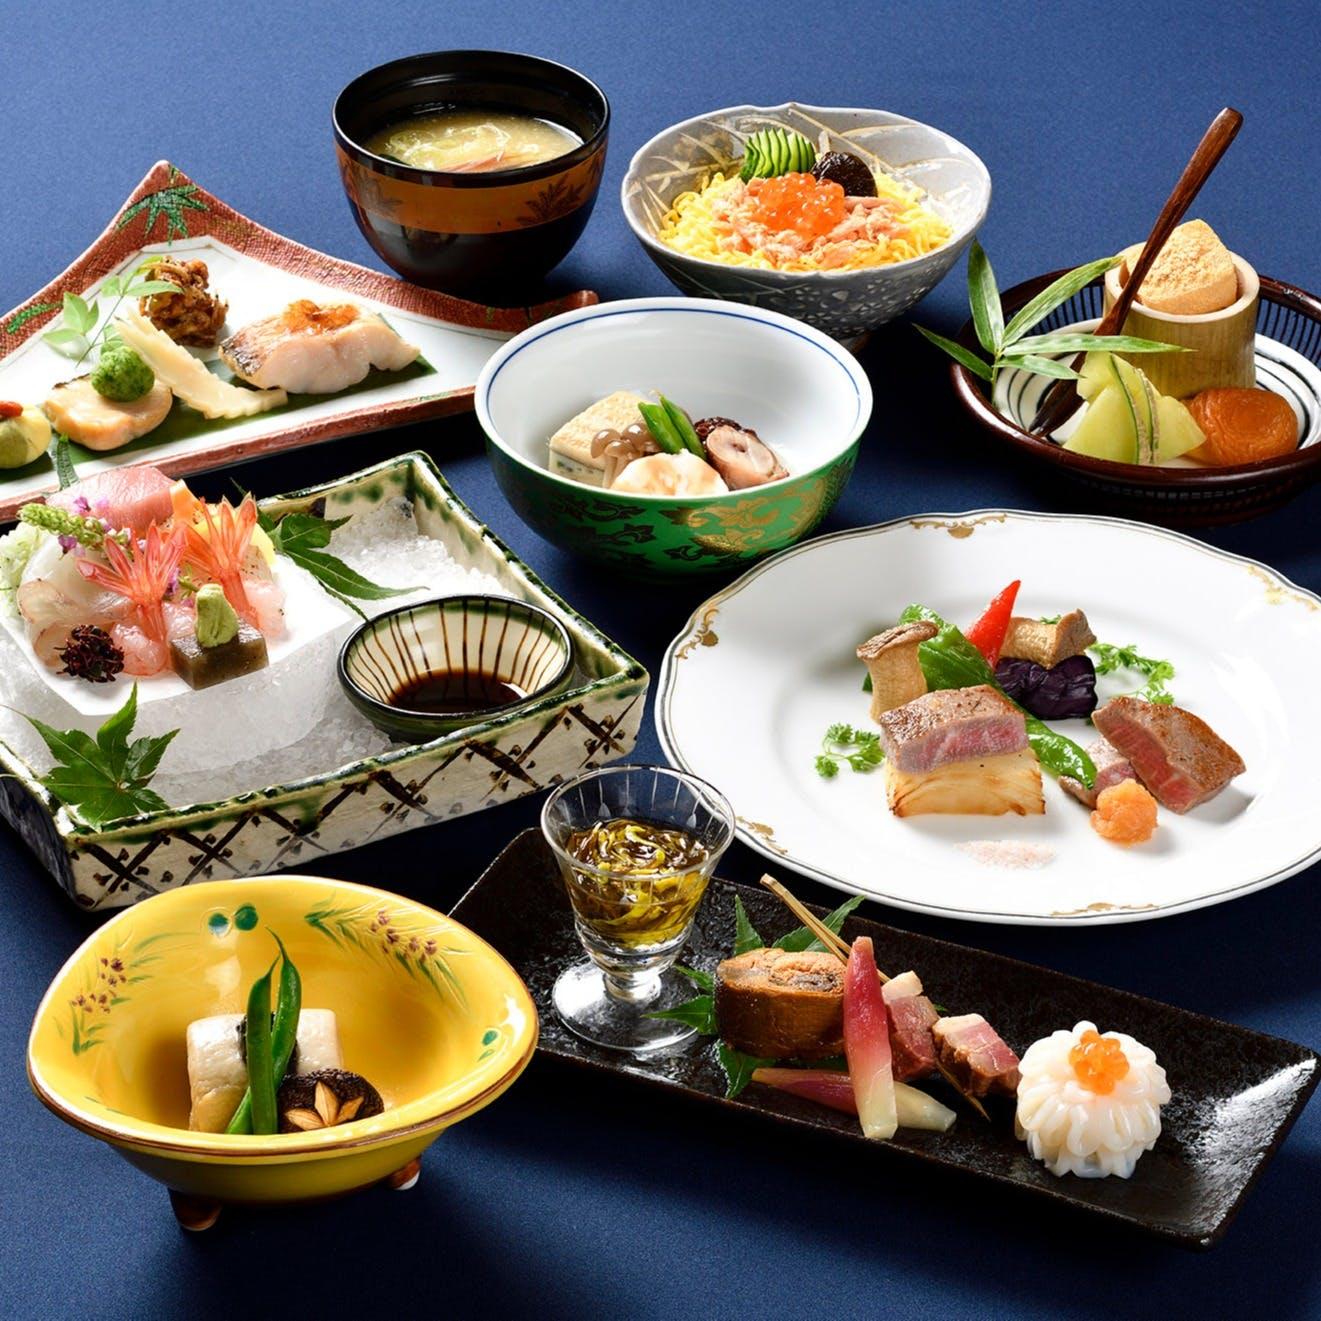 新潟ならではの食材を使用、料理長が作る繊細なお料理に舌鼓を